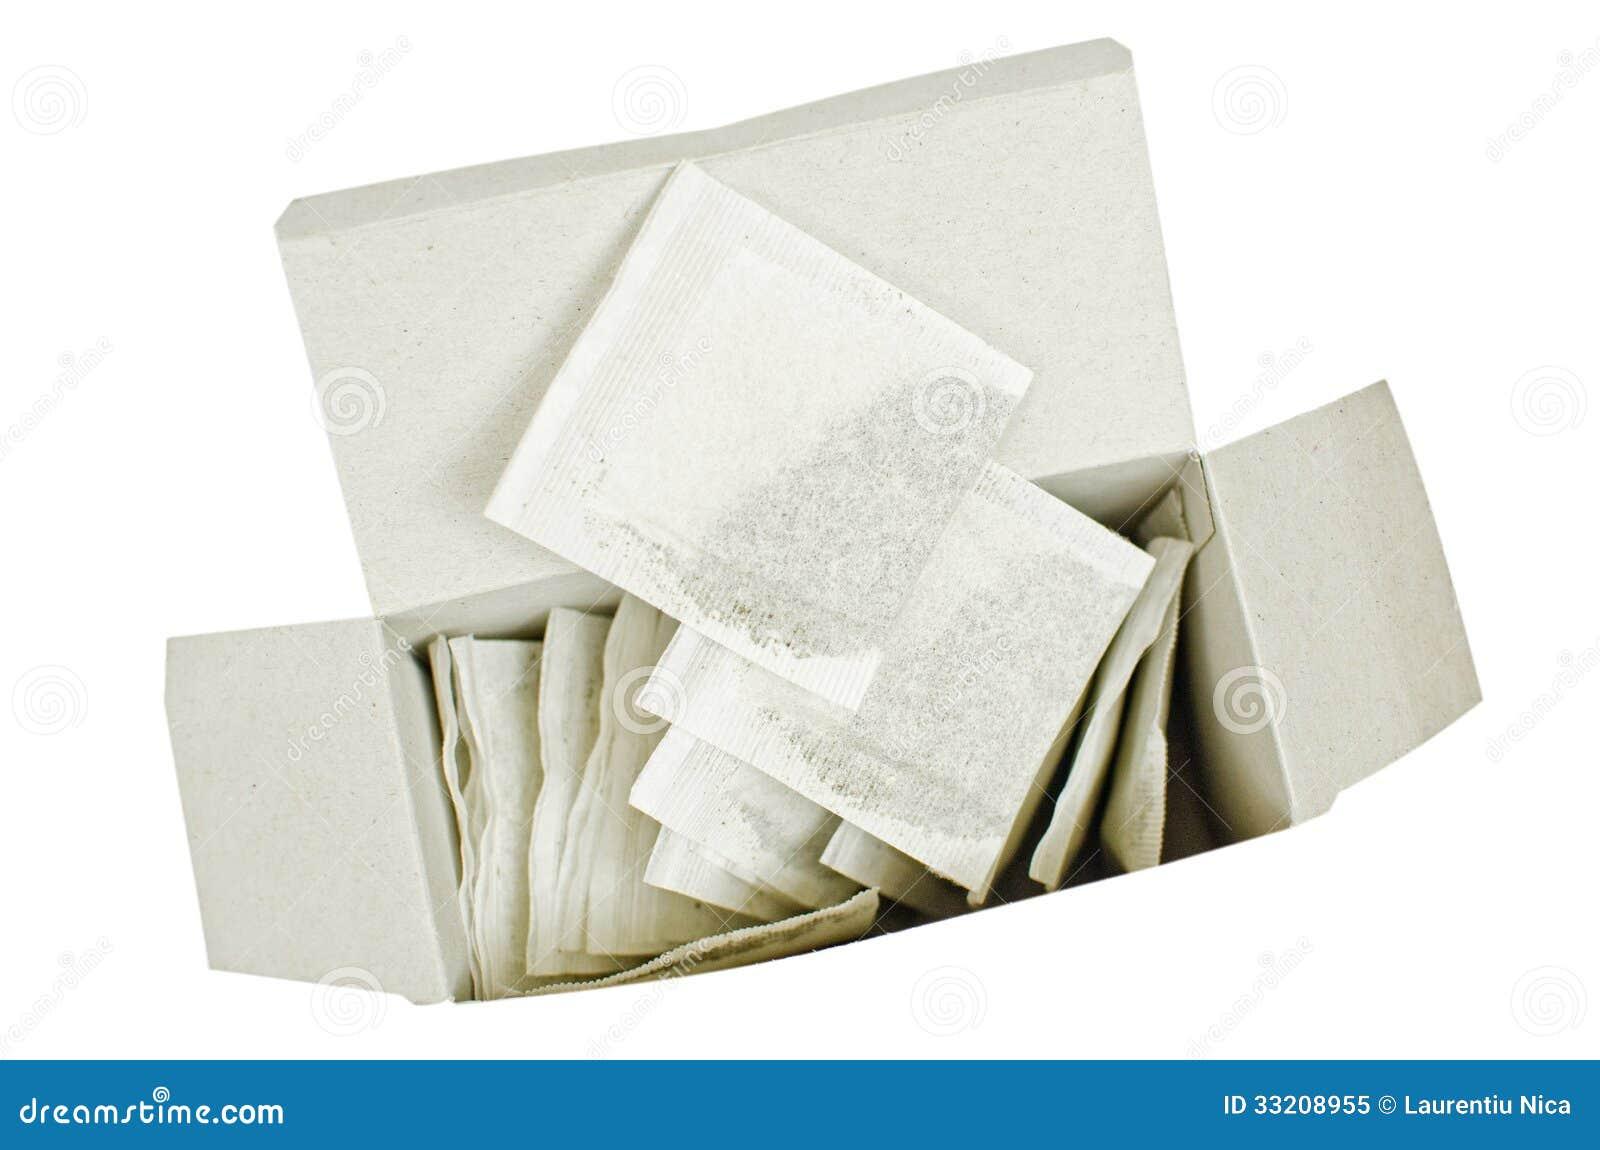 Bolsitas de té en un paquete abierto